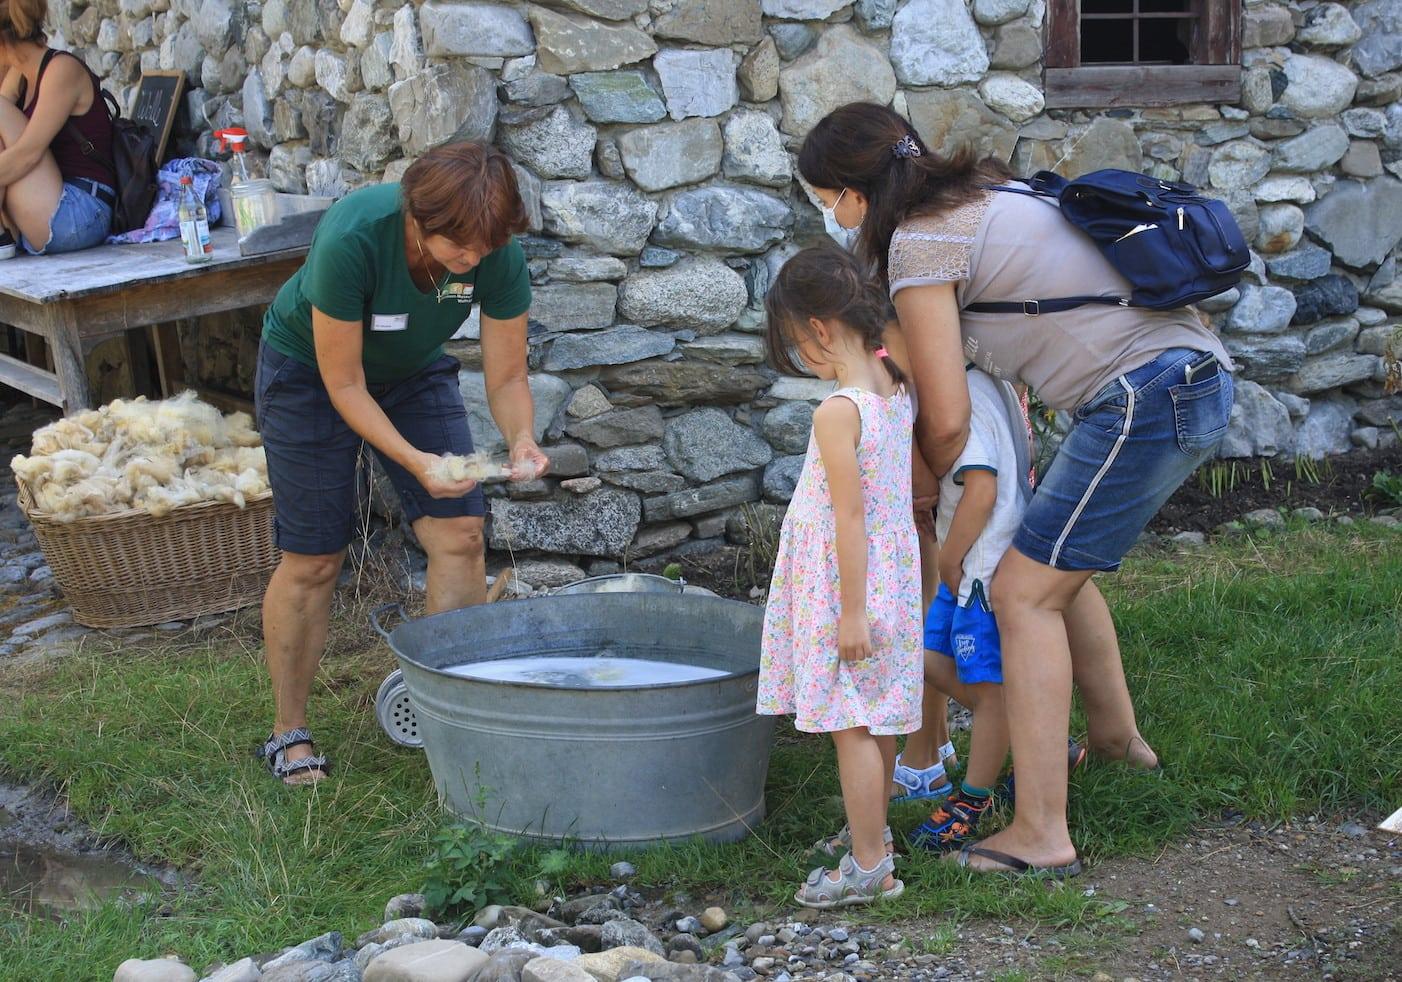 Bauernmuseum für Kinder und ihre Eltern // HIMBEER